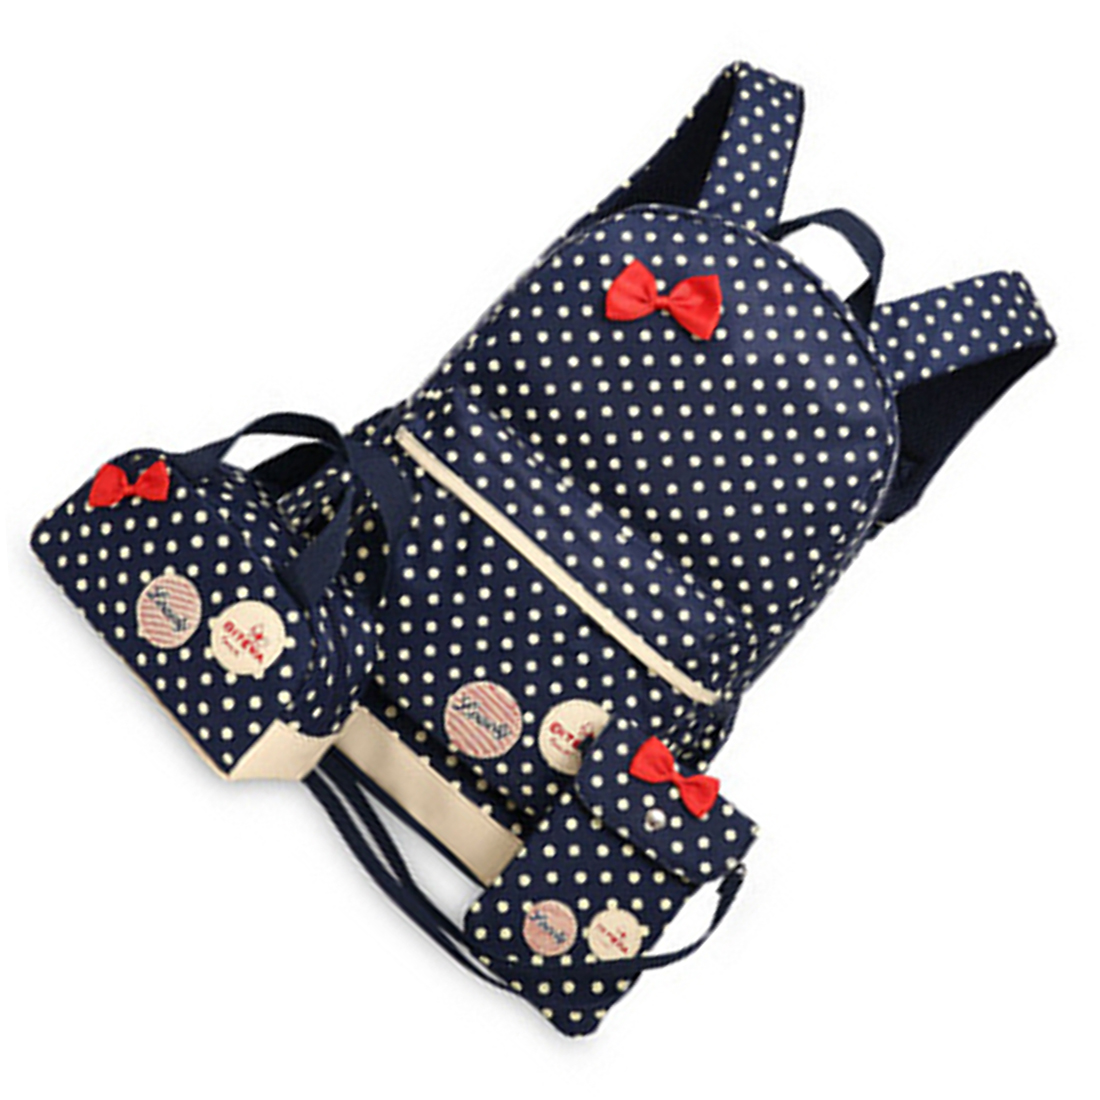 все цены на 5 pcs of 3 Pcs/Set New waterproof Girl School Bags For Teenagers backpack women shoulder bags, Dark Blue онлайн